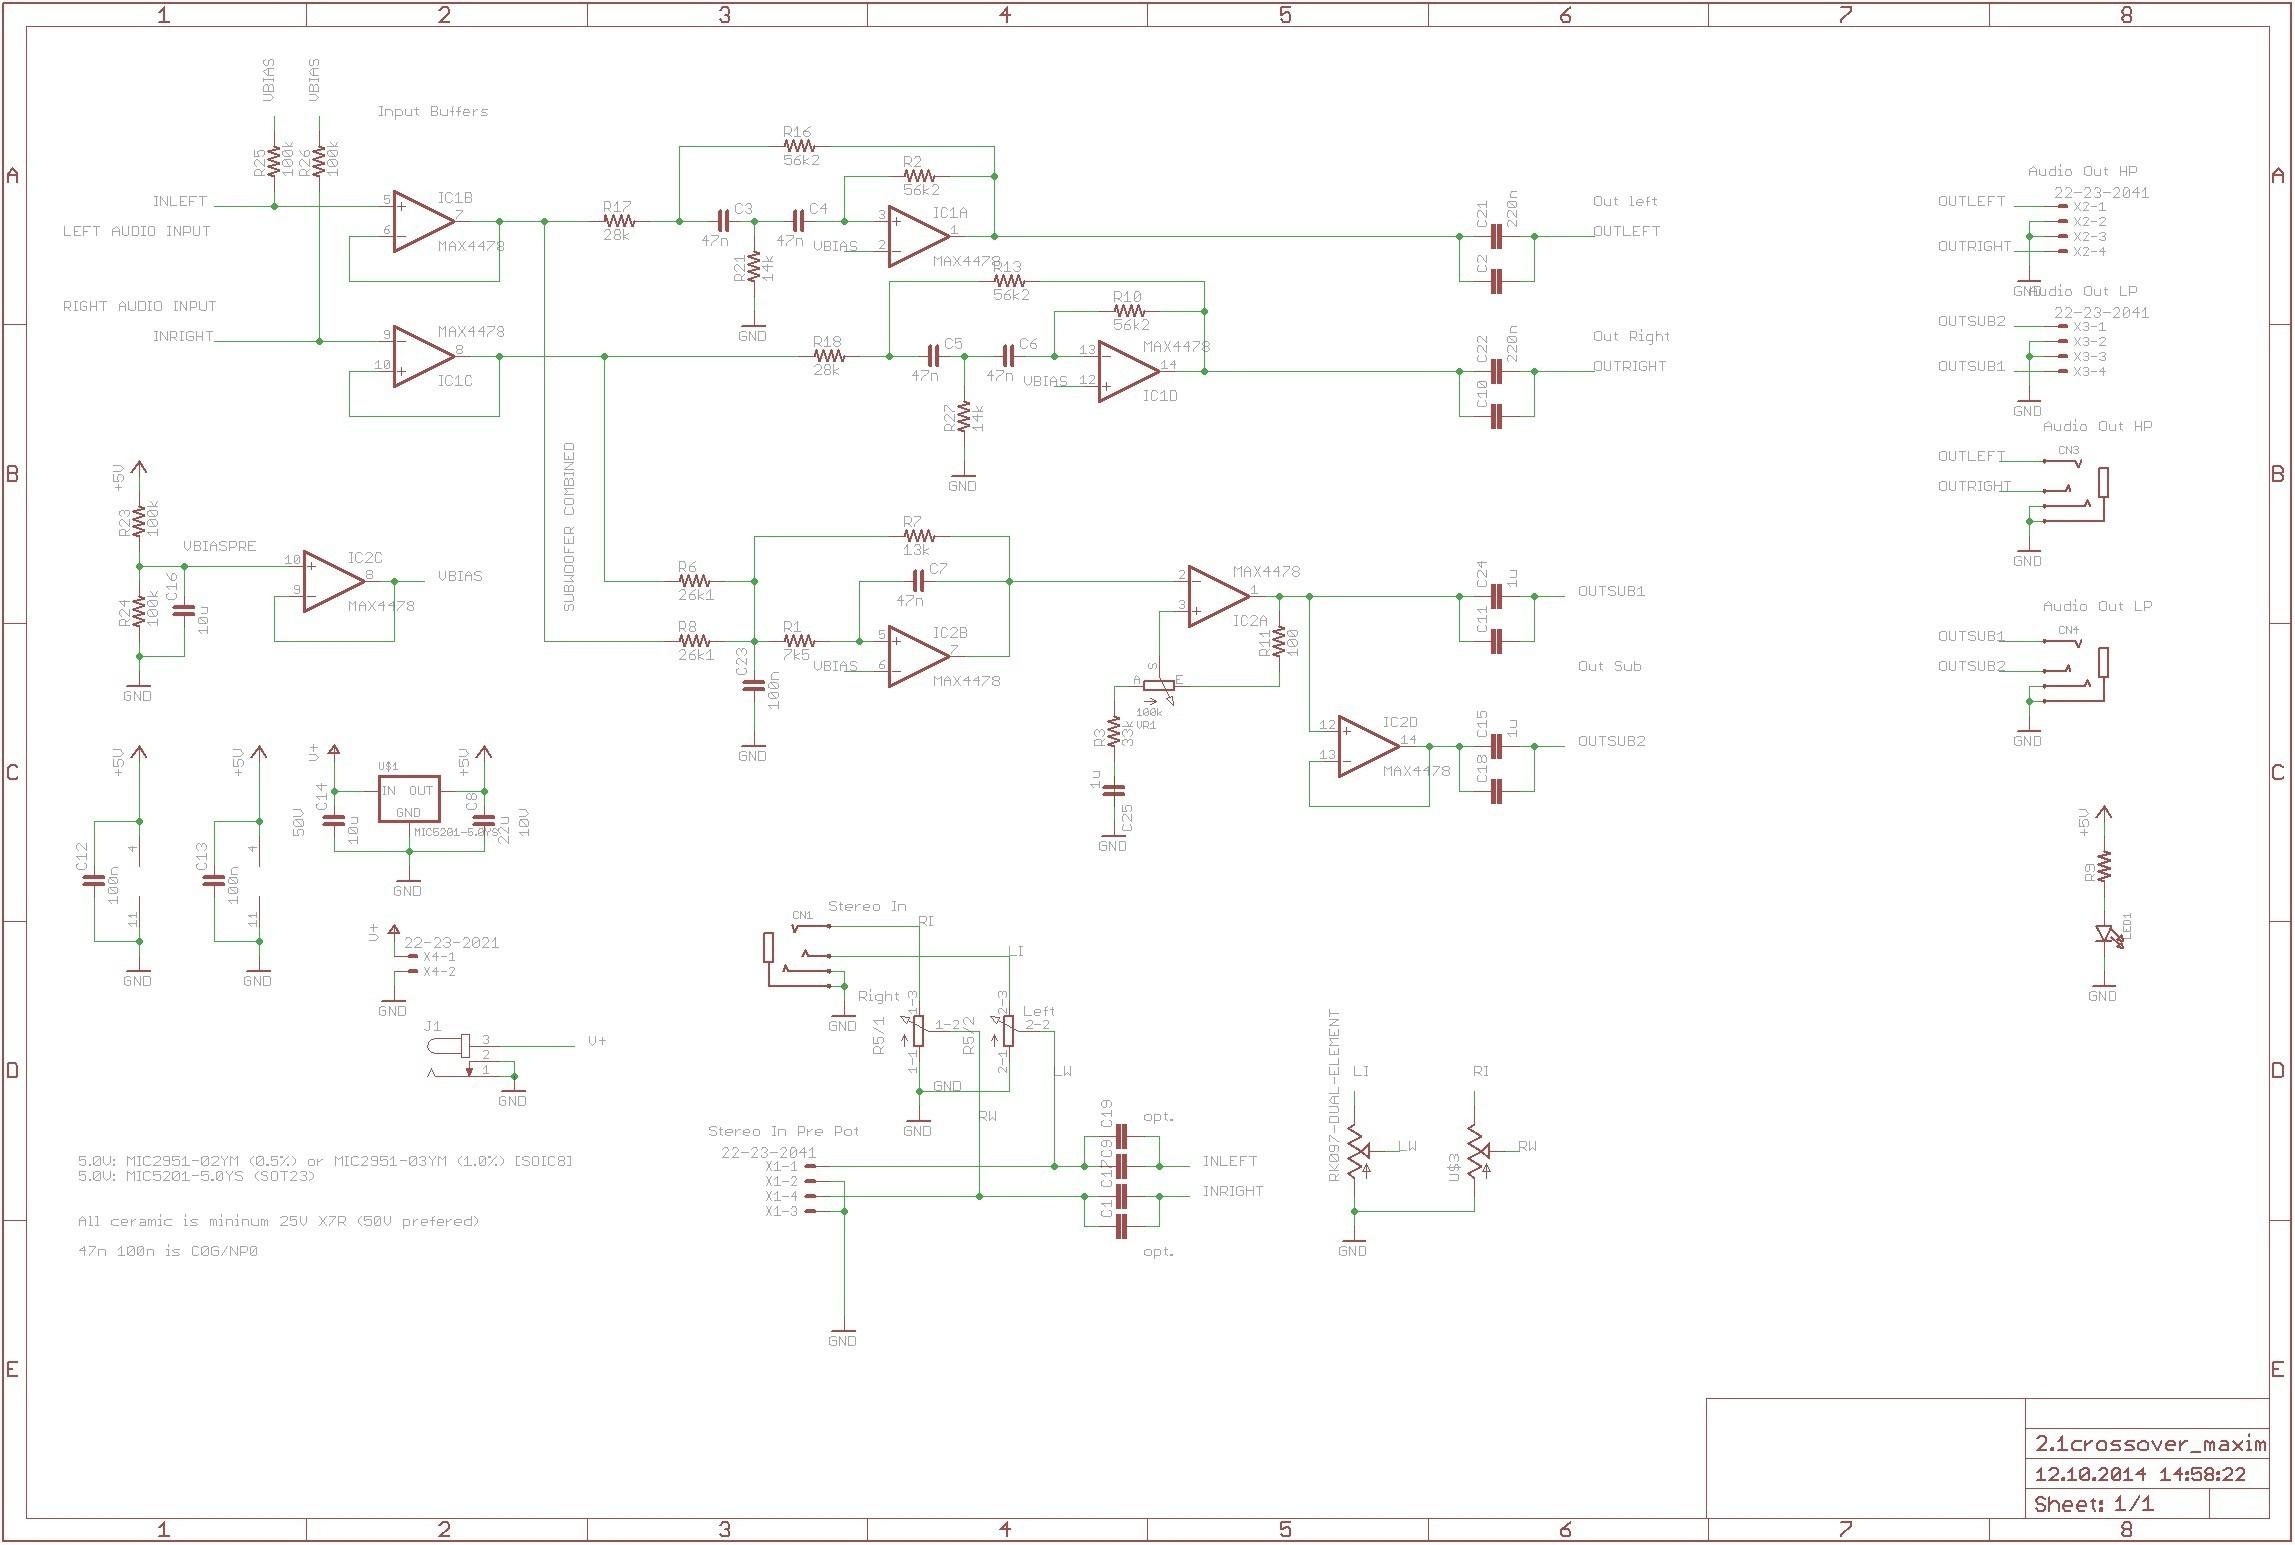 kitchen wiring diagram Download-Kitchen Electrical Wiring Diagram Aktive Crossoverfrequenzweiche Mit Max4478 360customs Crossover Schematic Rev 0d Wiring Lighting 3-m